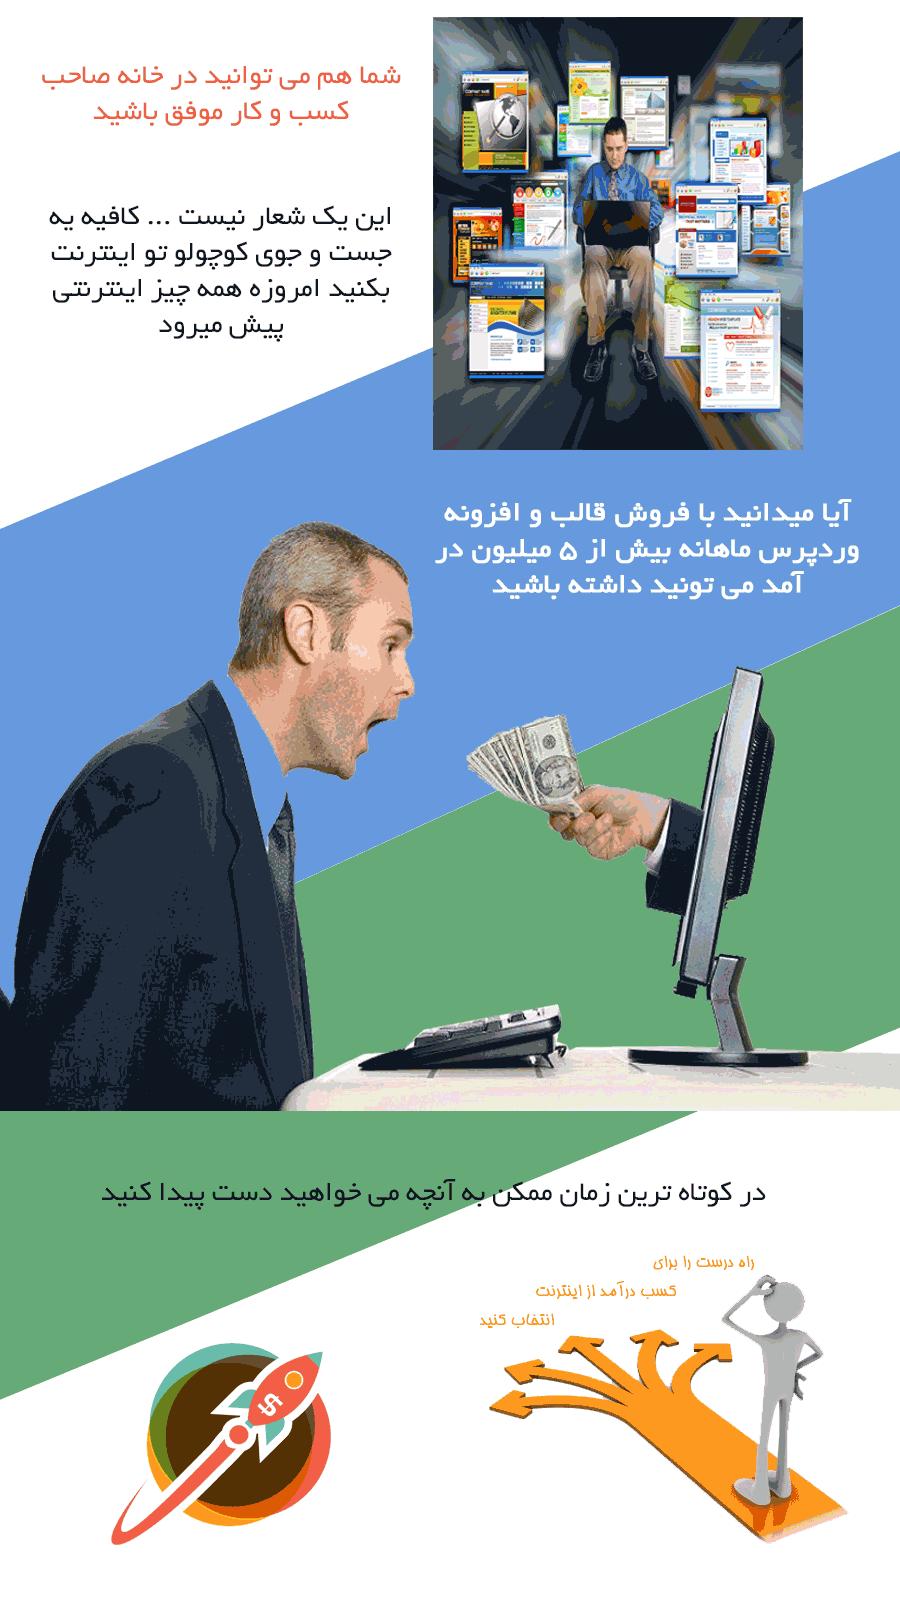 فروش پکیج قالب وردپرس و افزونه وردپرس